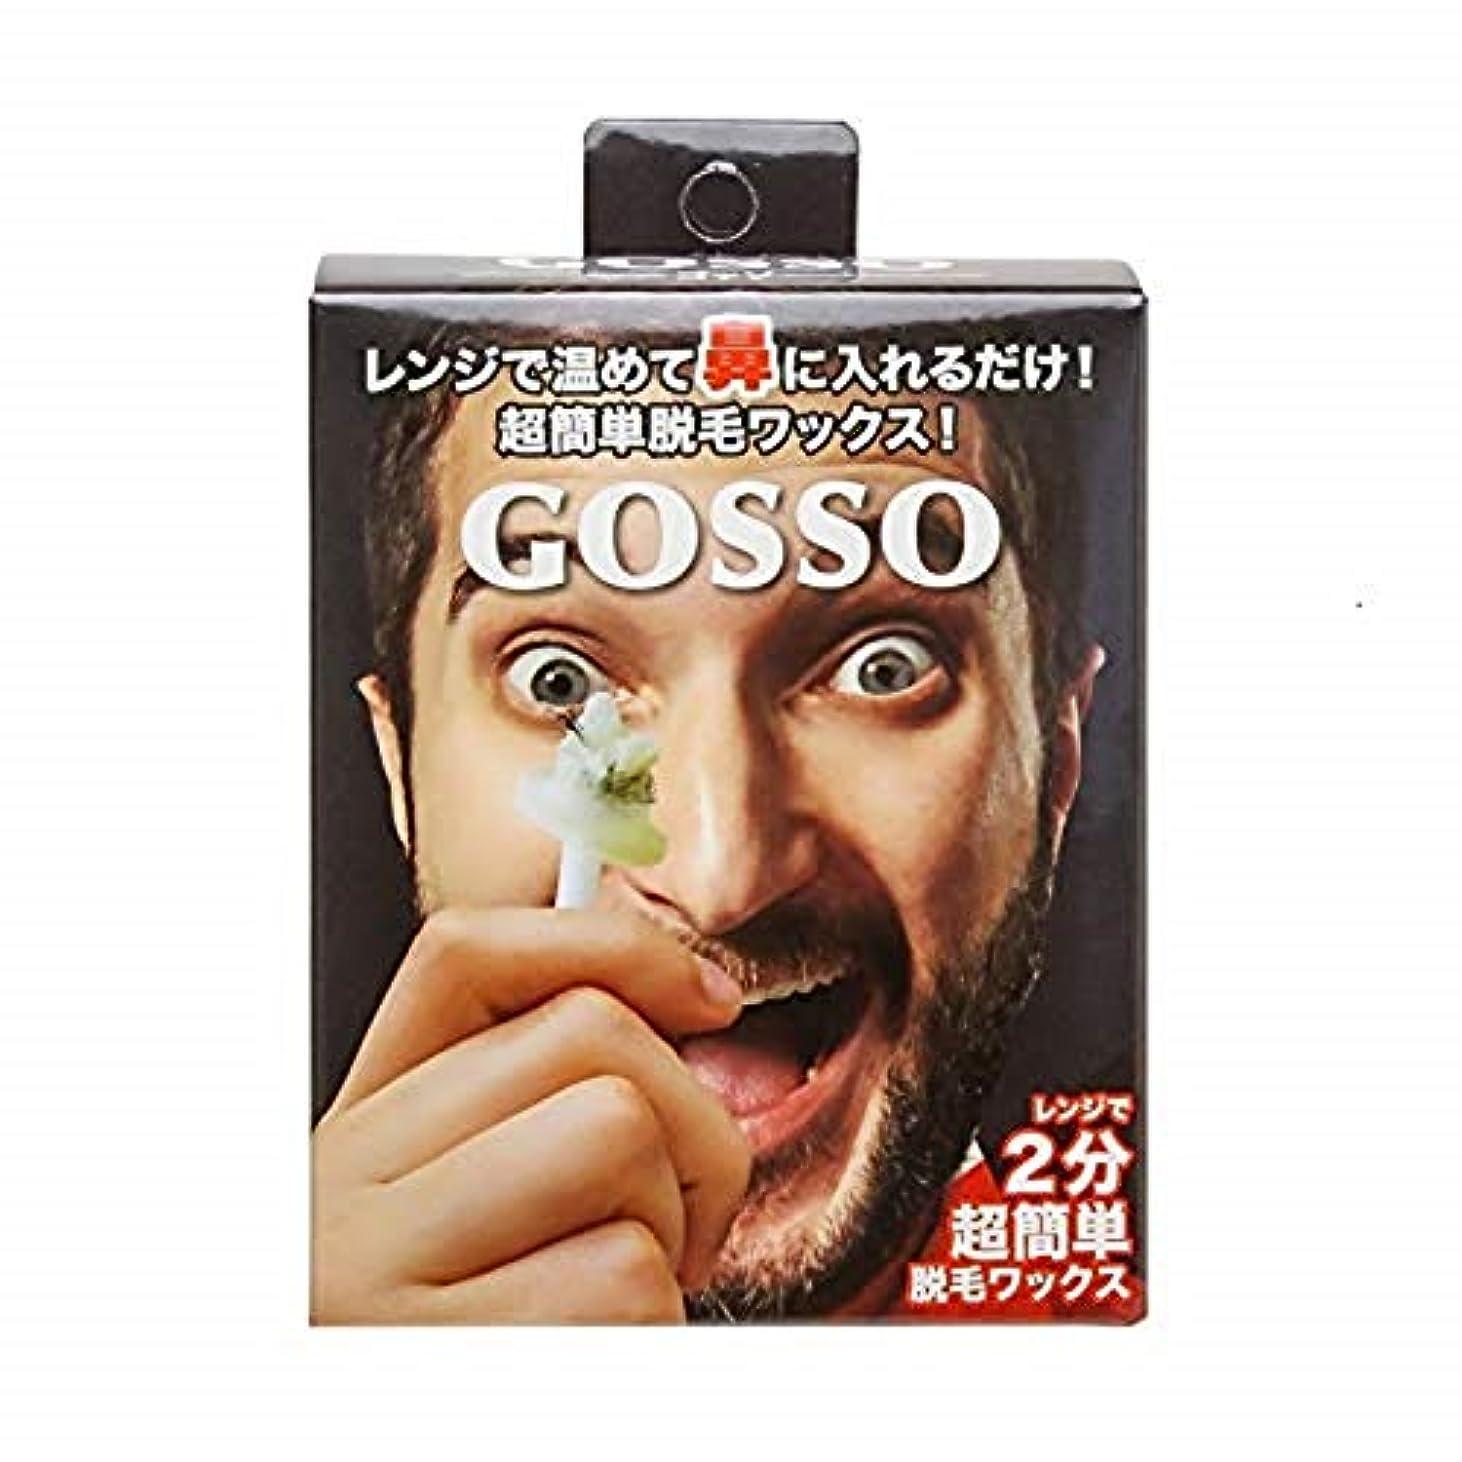 優しいくるみ年金GOSSO ゴッソ (ブラジリアンワックス鼻毛脱毛セット) (セット, 1個)